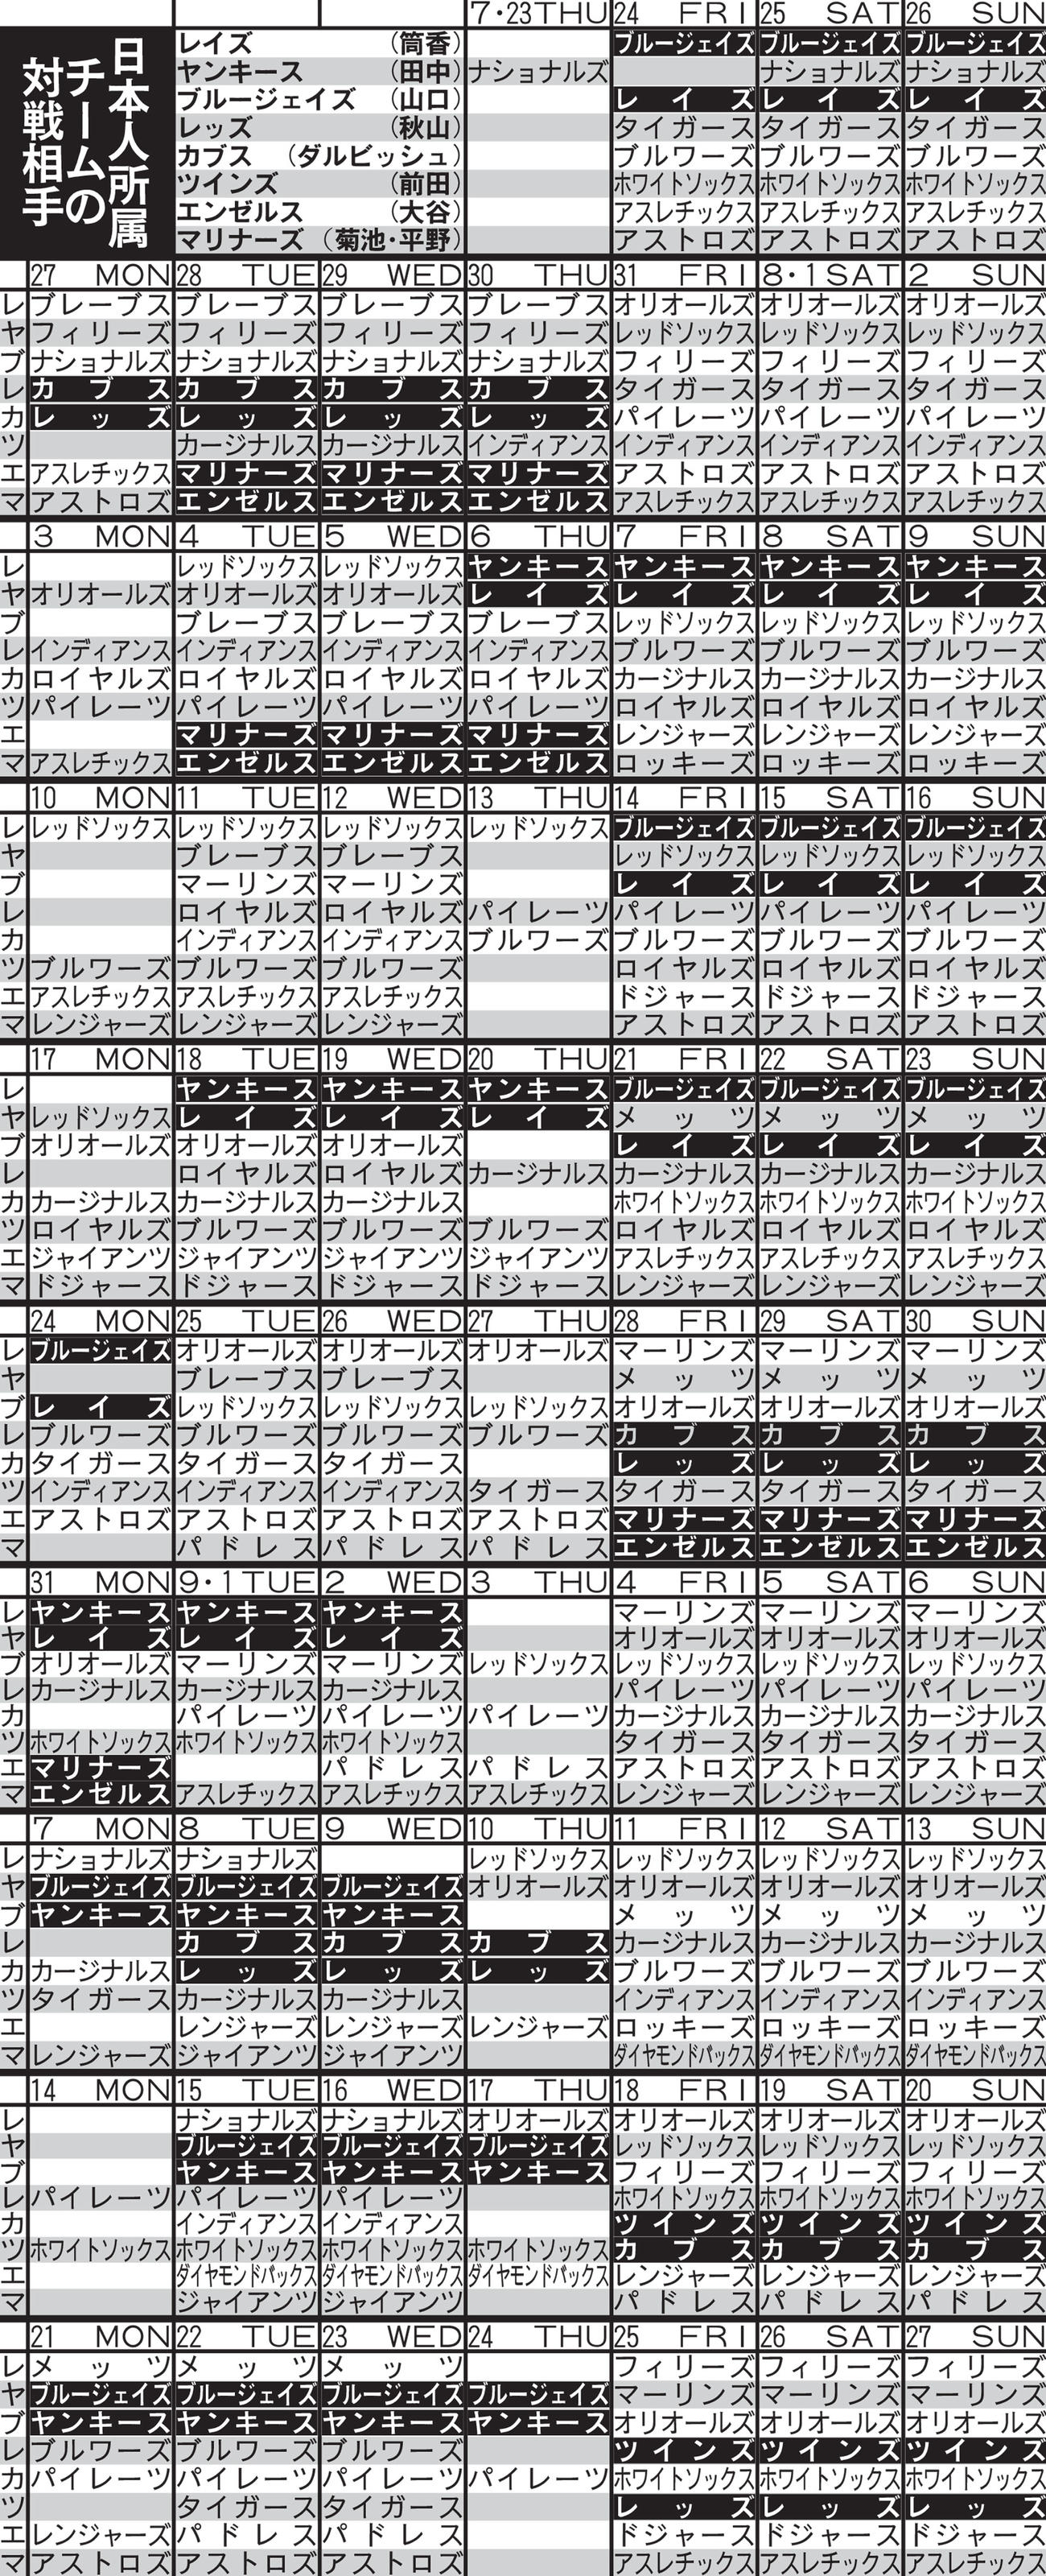 日本人所属チームの対戦相手 ※月・日は現地時間。カードの白抜きは、日本人所属チーム同士の対戦